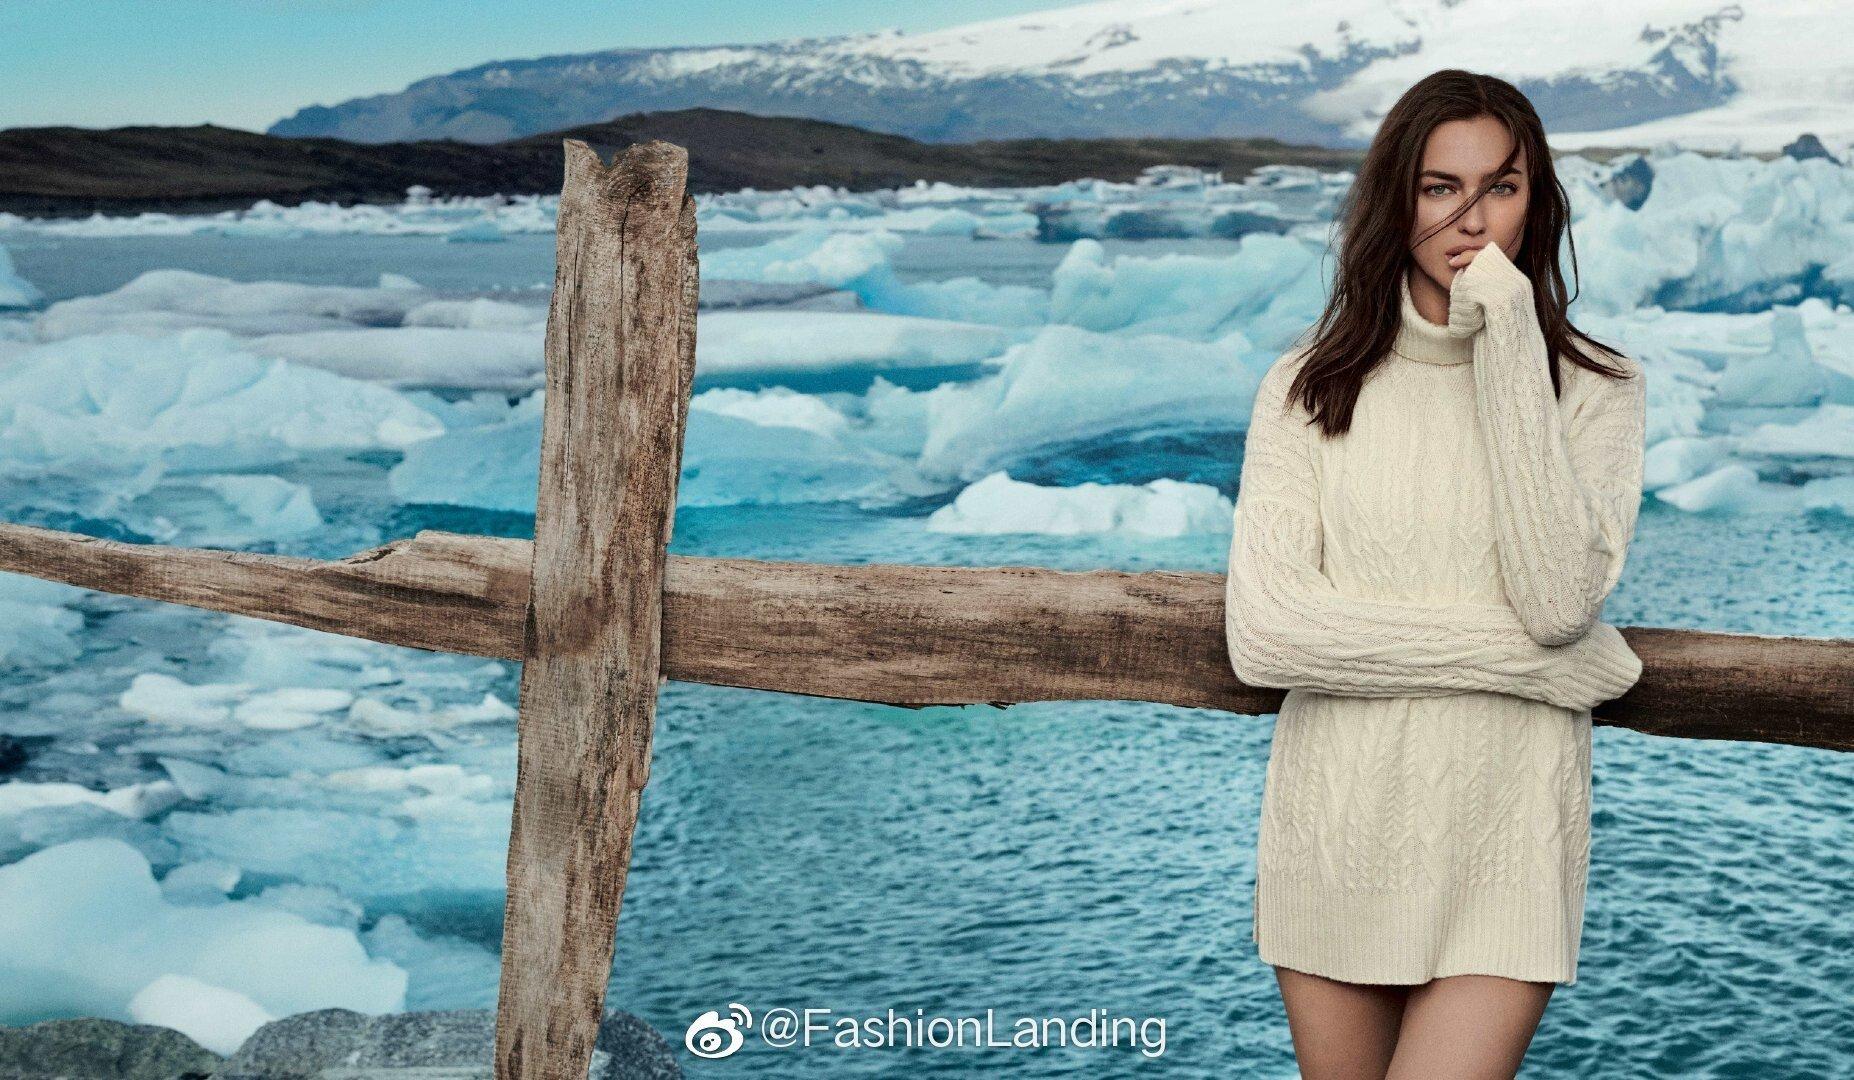 Снежная королева: Ирина Шейк снялась в необычной фотосессии в Исландии